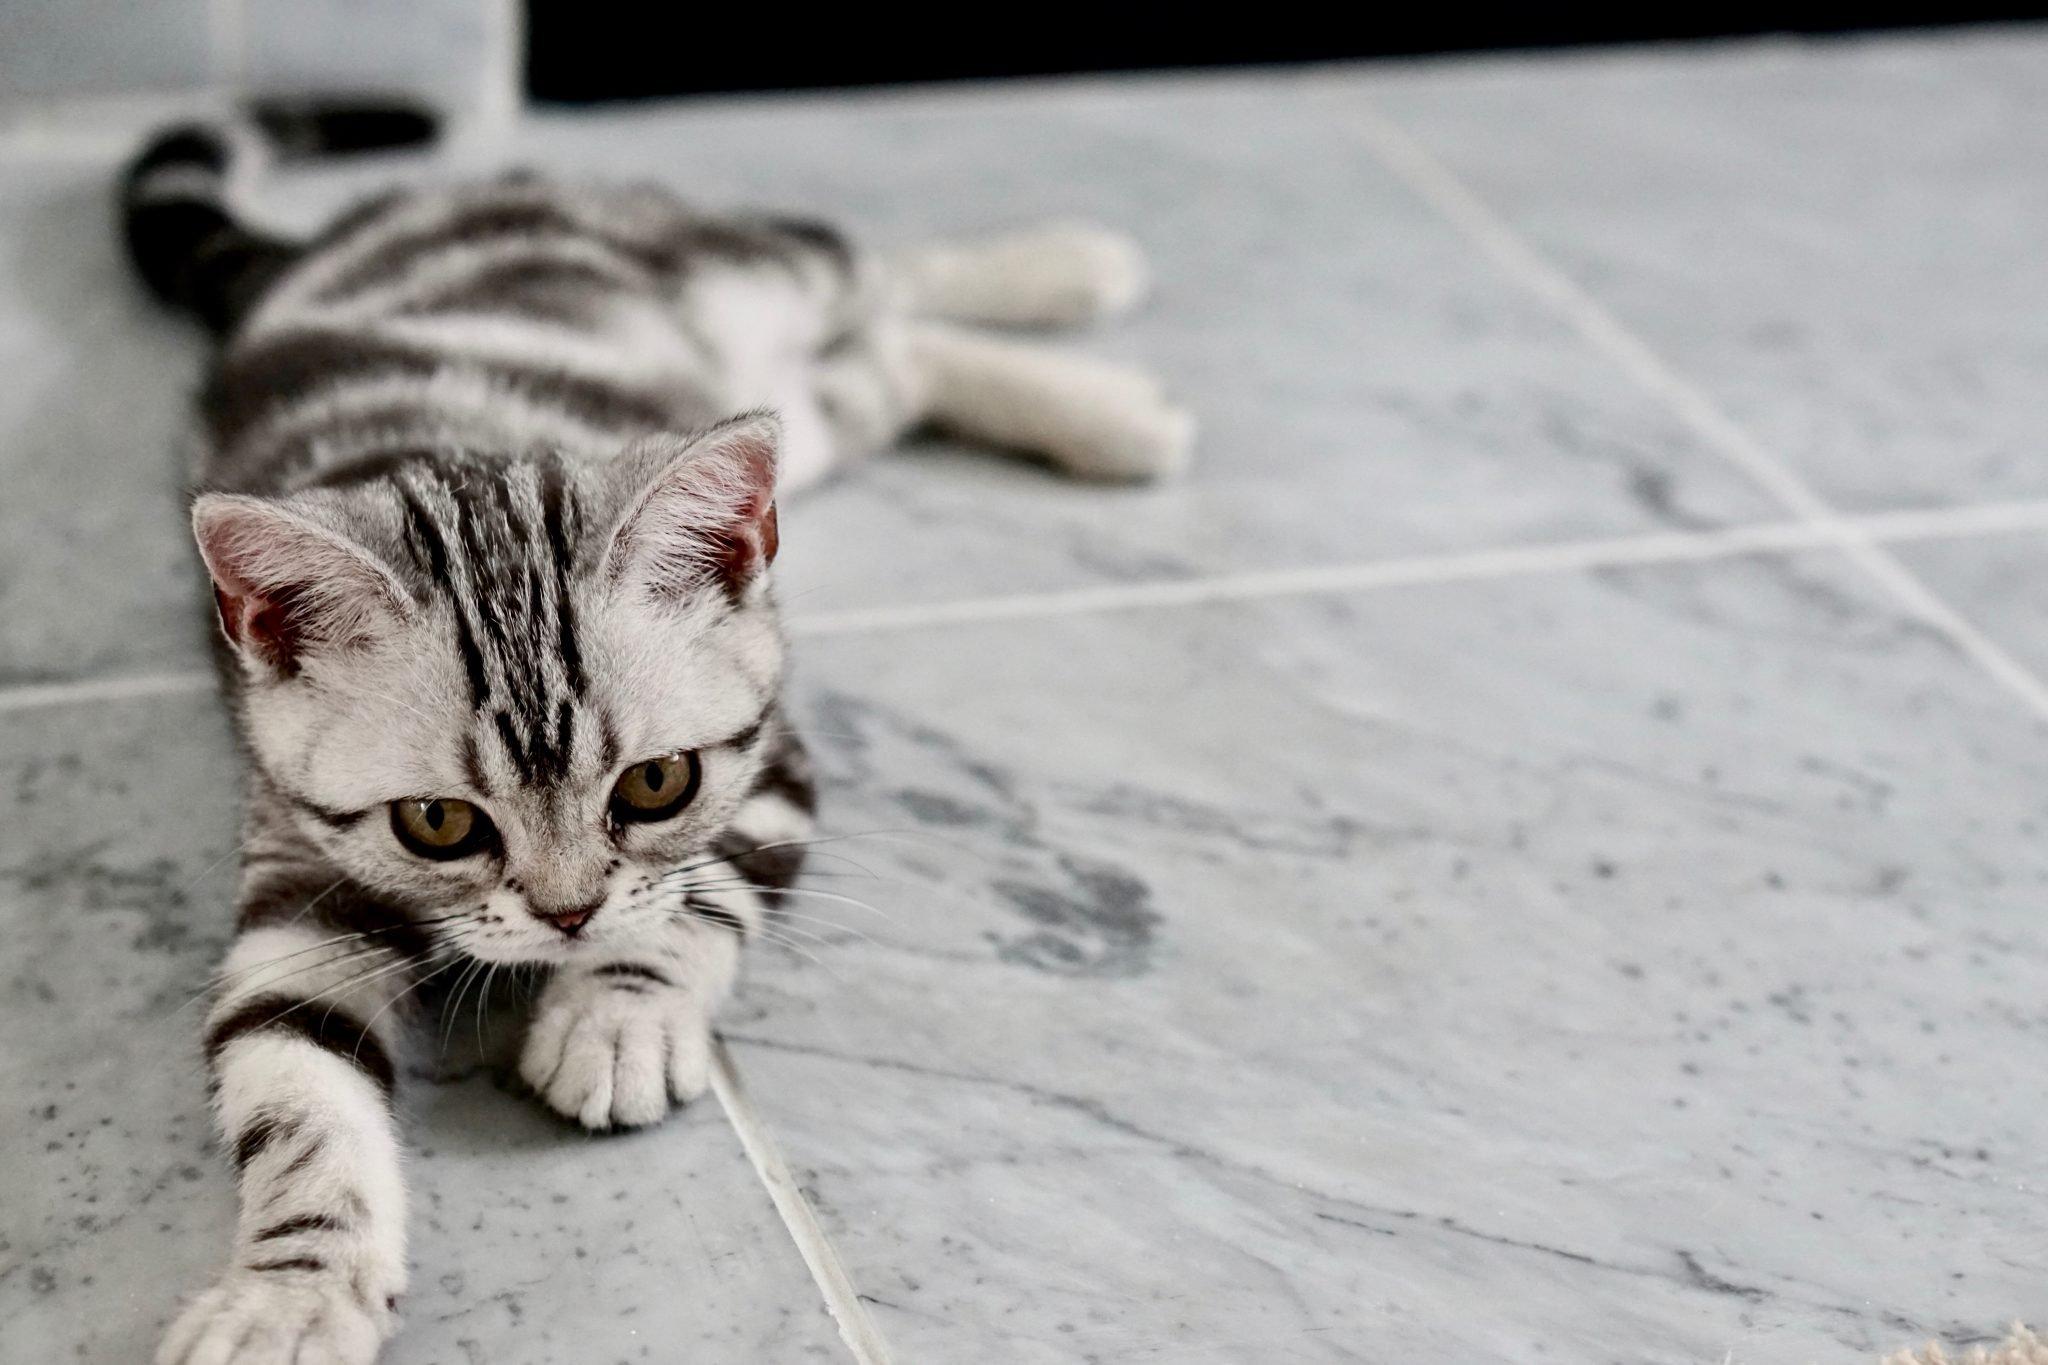 flea free cat on tiled floor